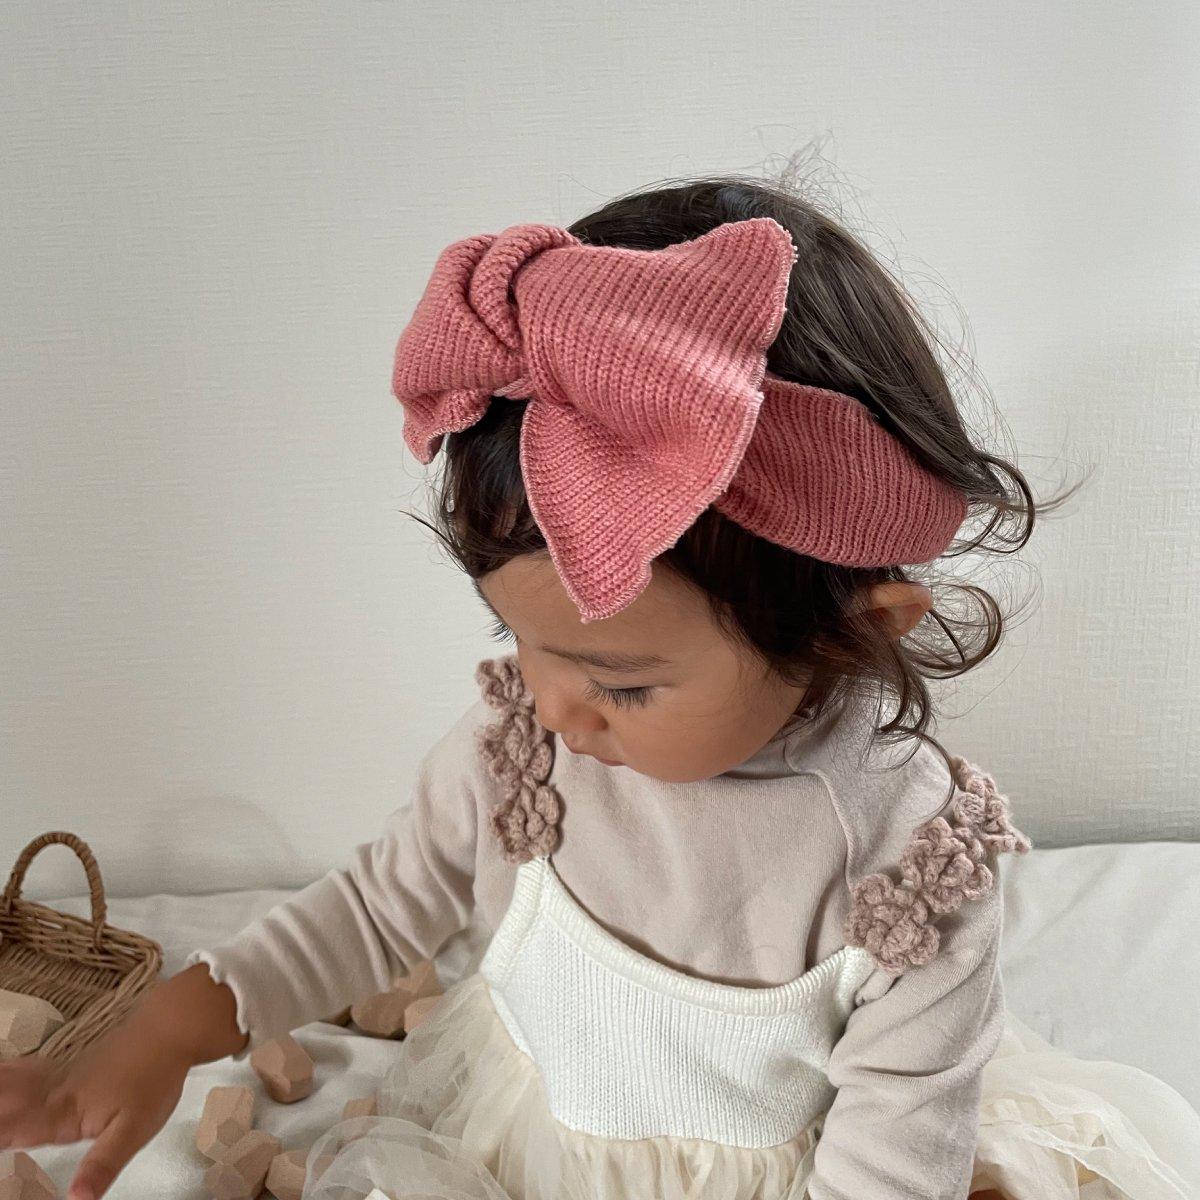 【BABY】Baby Knit Turban 詳細画像12